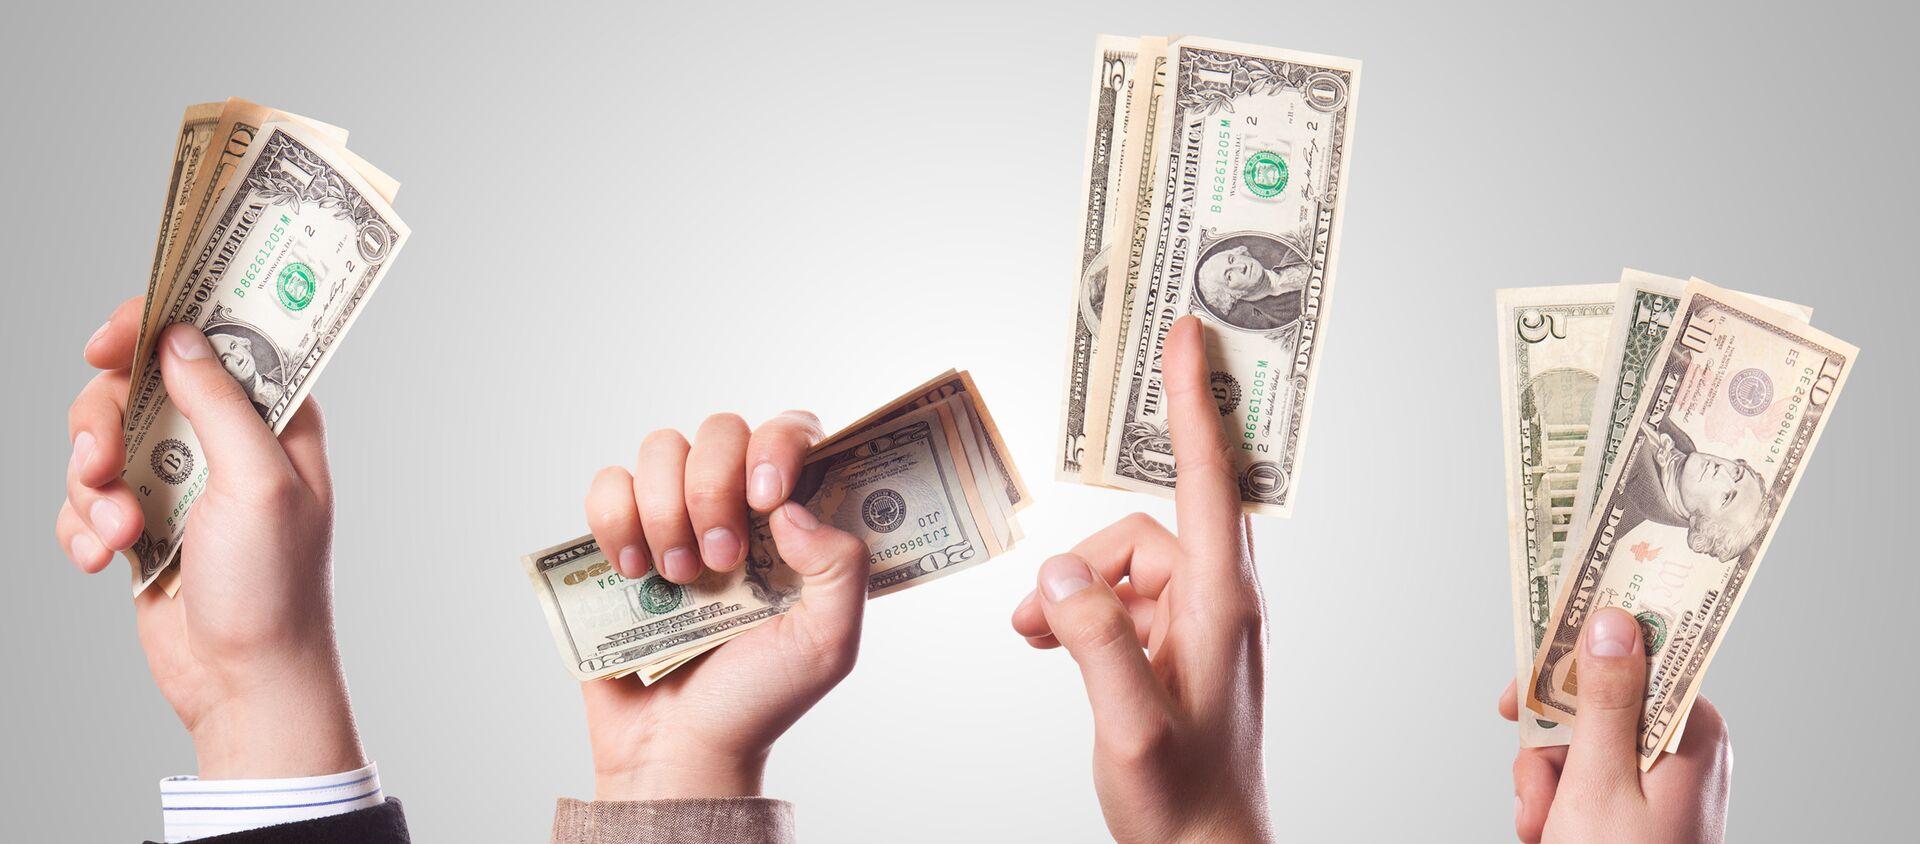 Varias personas con billetes de dólares en las manos - Sputnik Mundo, 1920, 03.02.2021